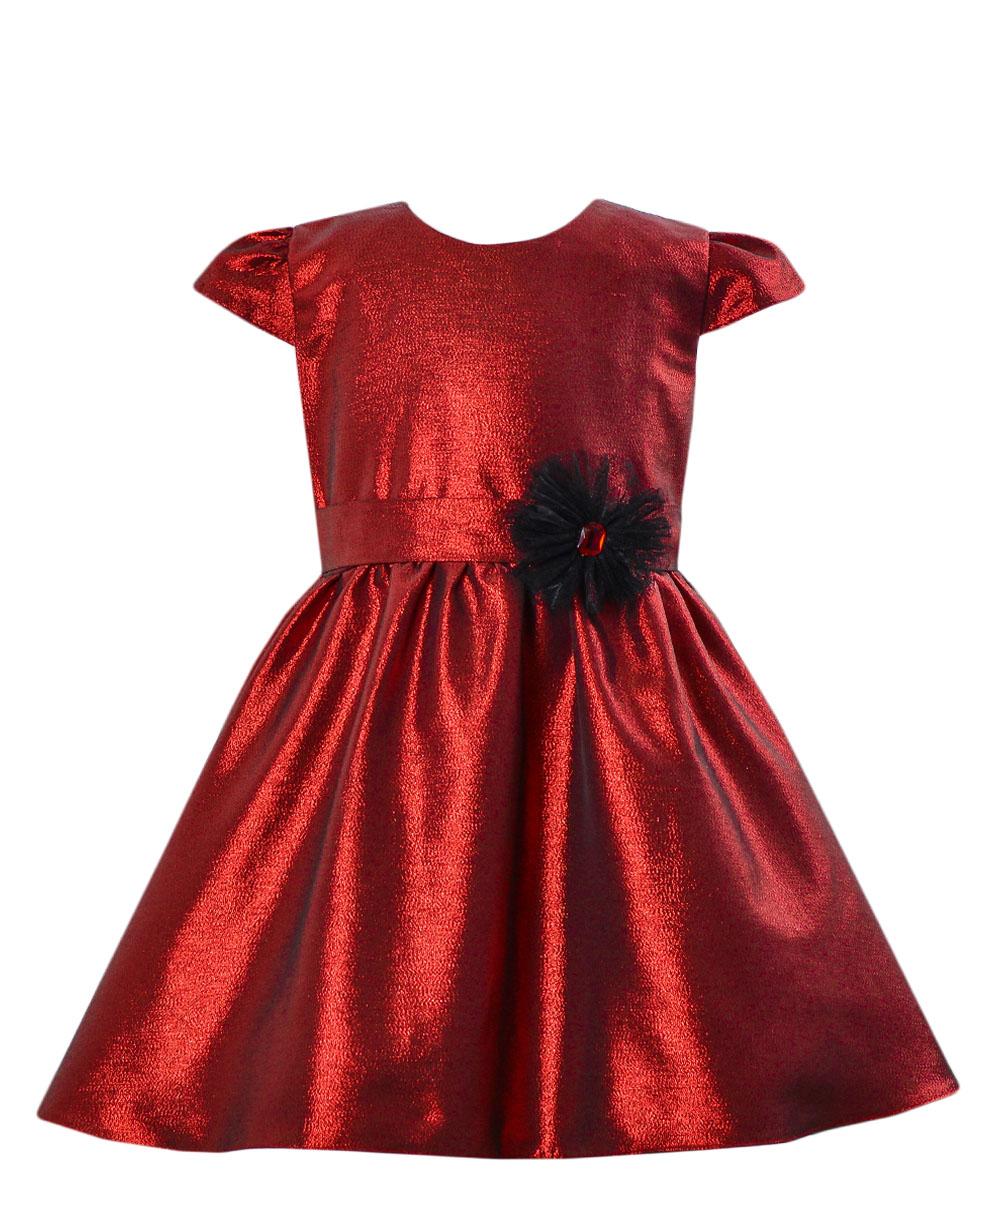 4cd0a39491b187 M/254/ sukienka Beth - EMMA | Sklep Hurtowy